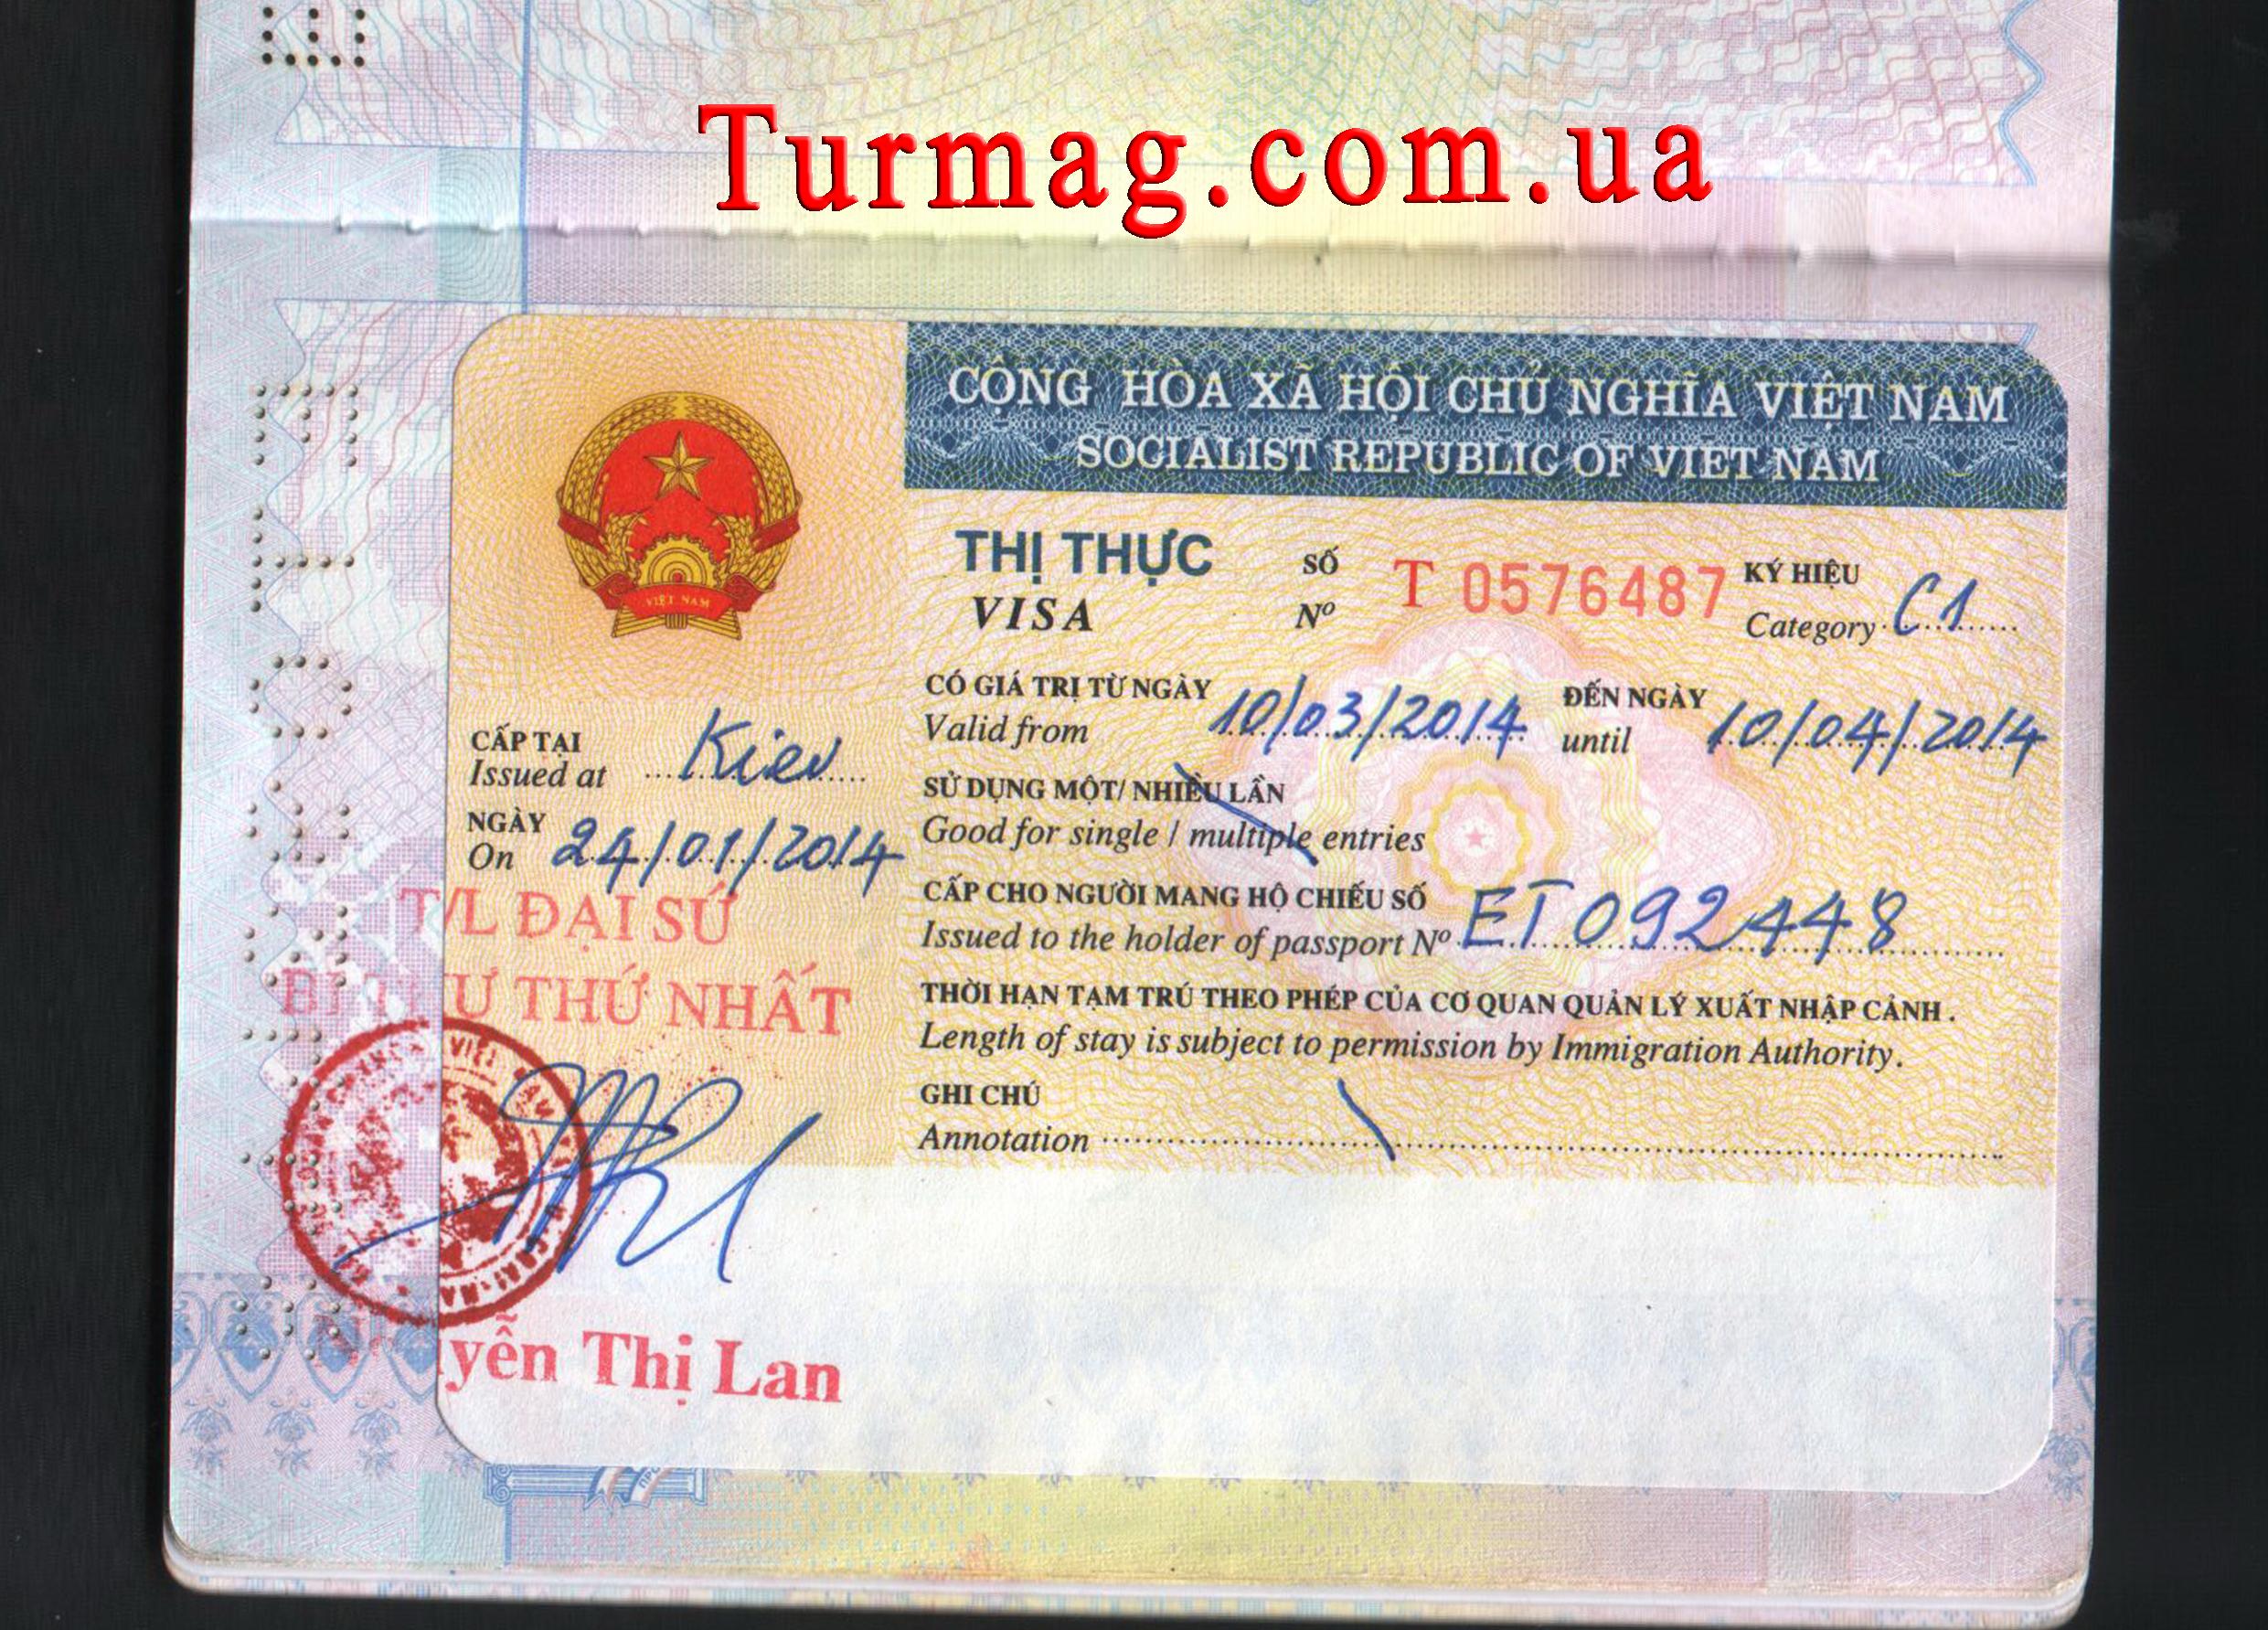 Внешний вид туристической визы во Вьетнам